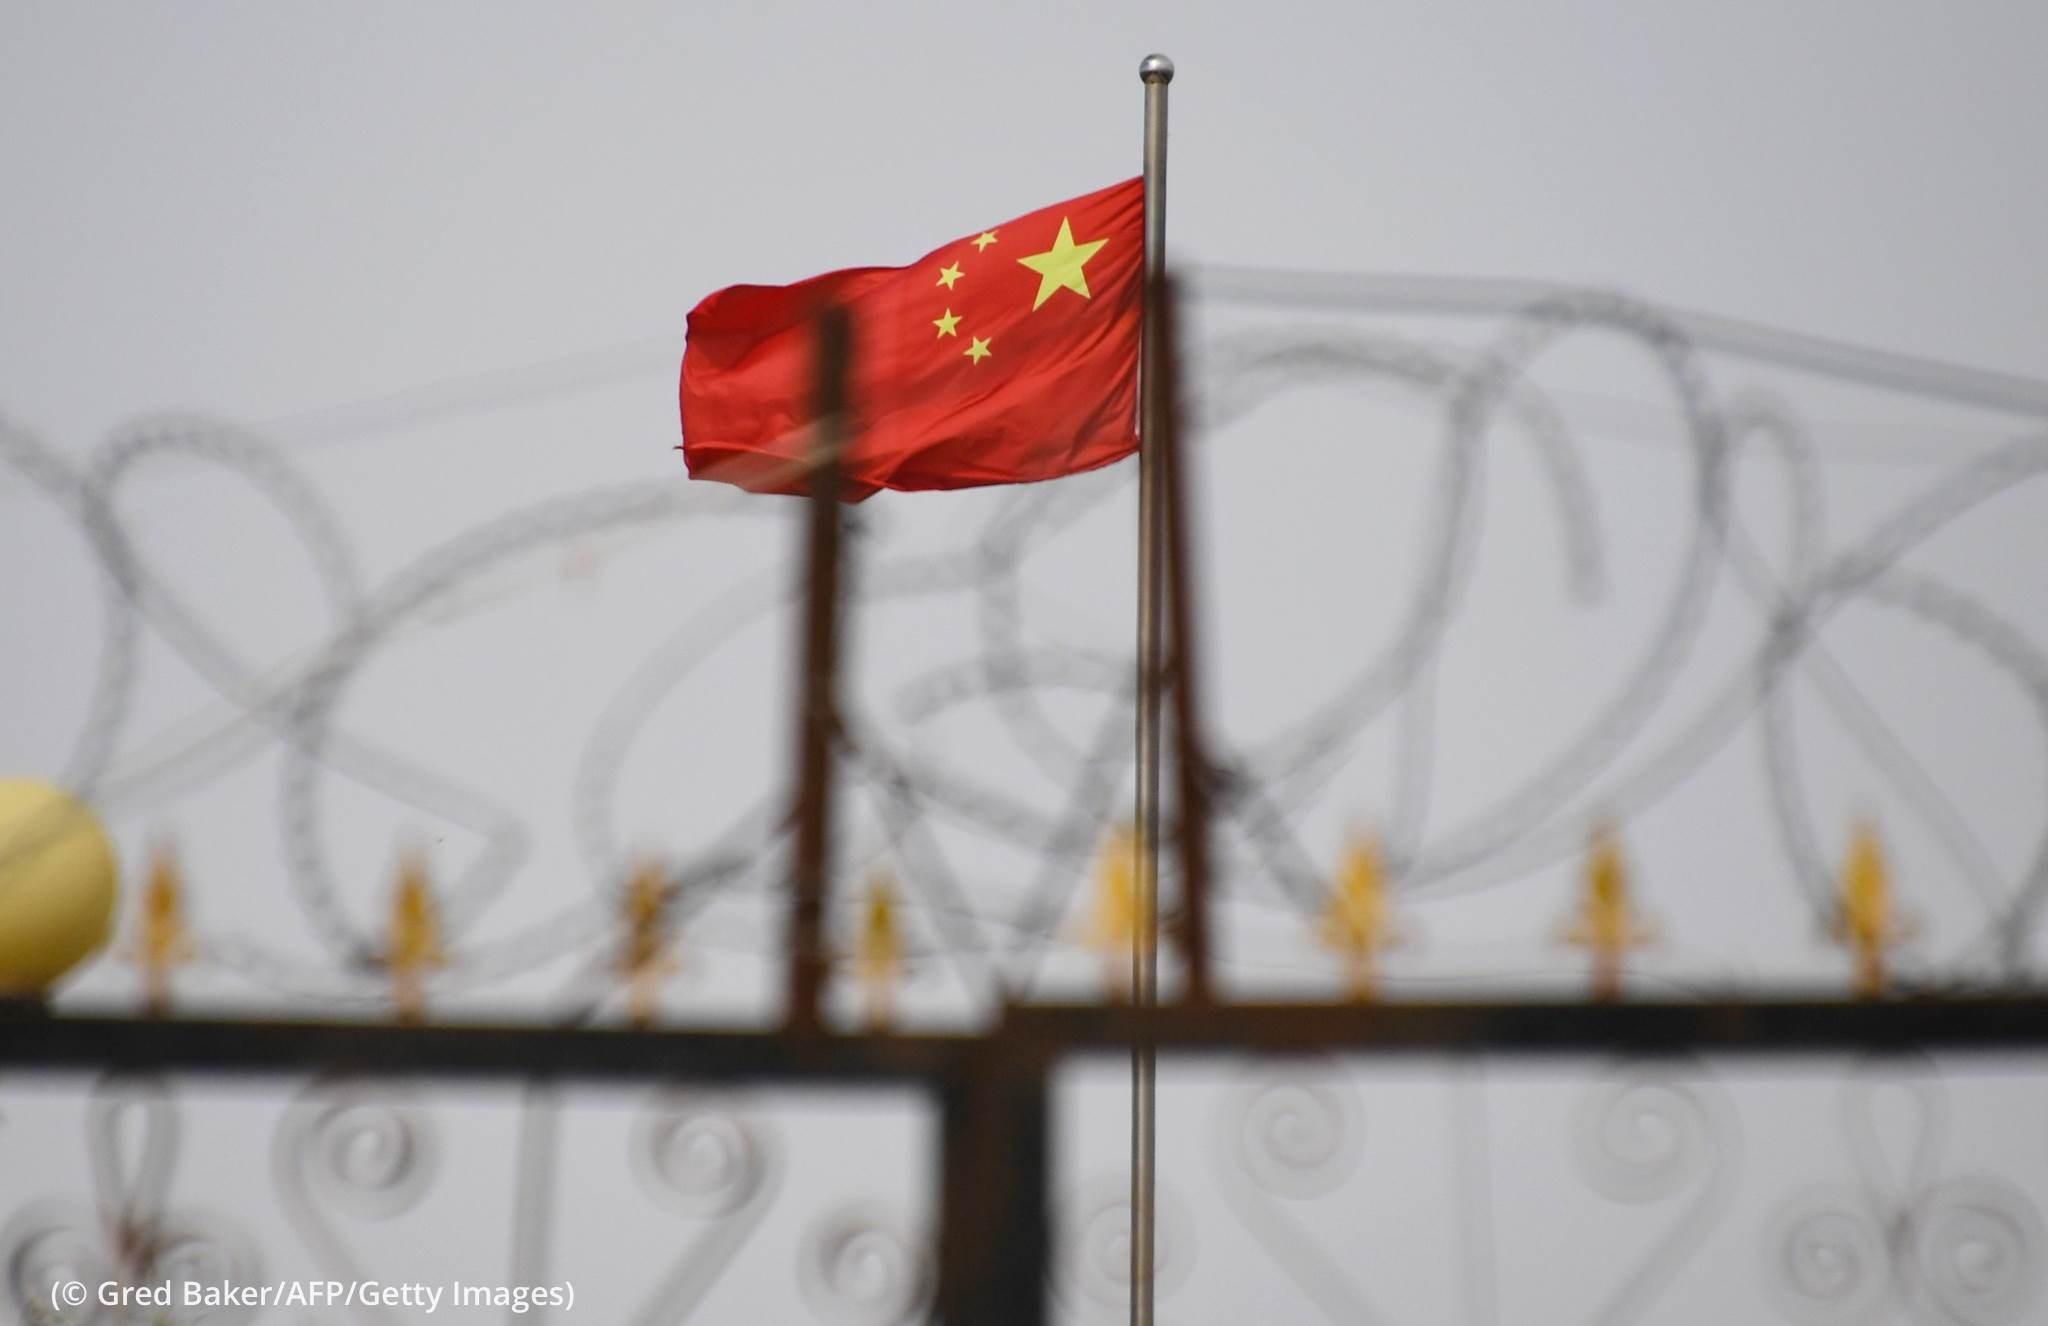 الصين تدعو إلى ضرورة إدانة الهجمات السيبرانية